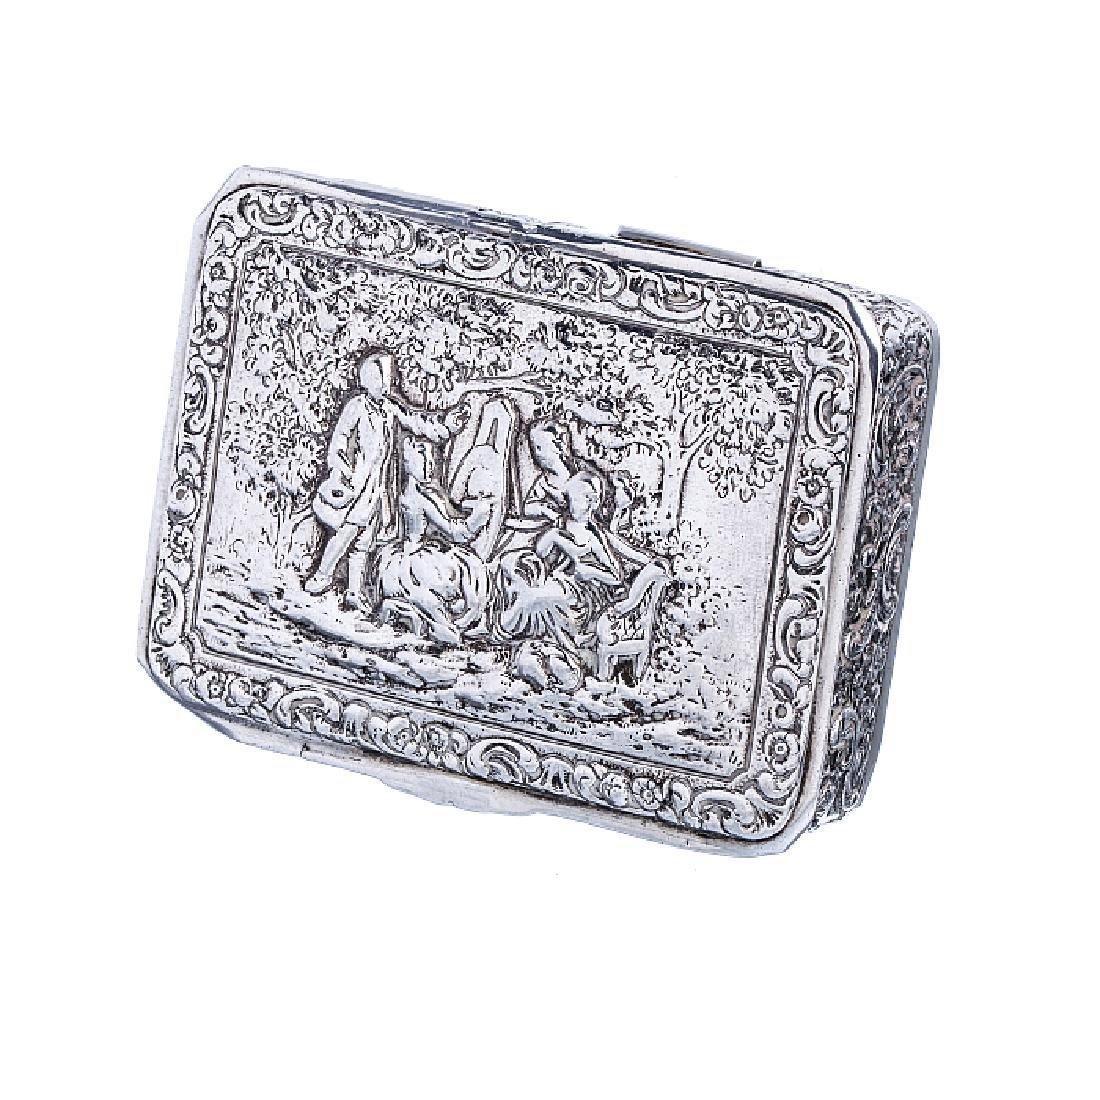 Figurative cigarette case in Spanish silver